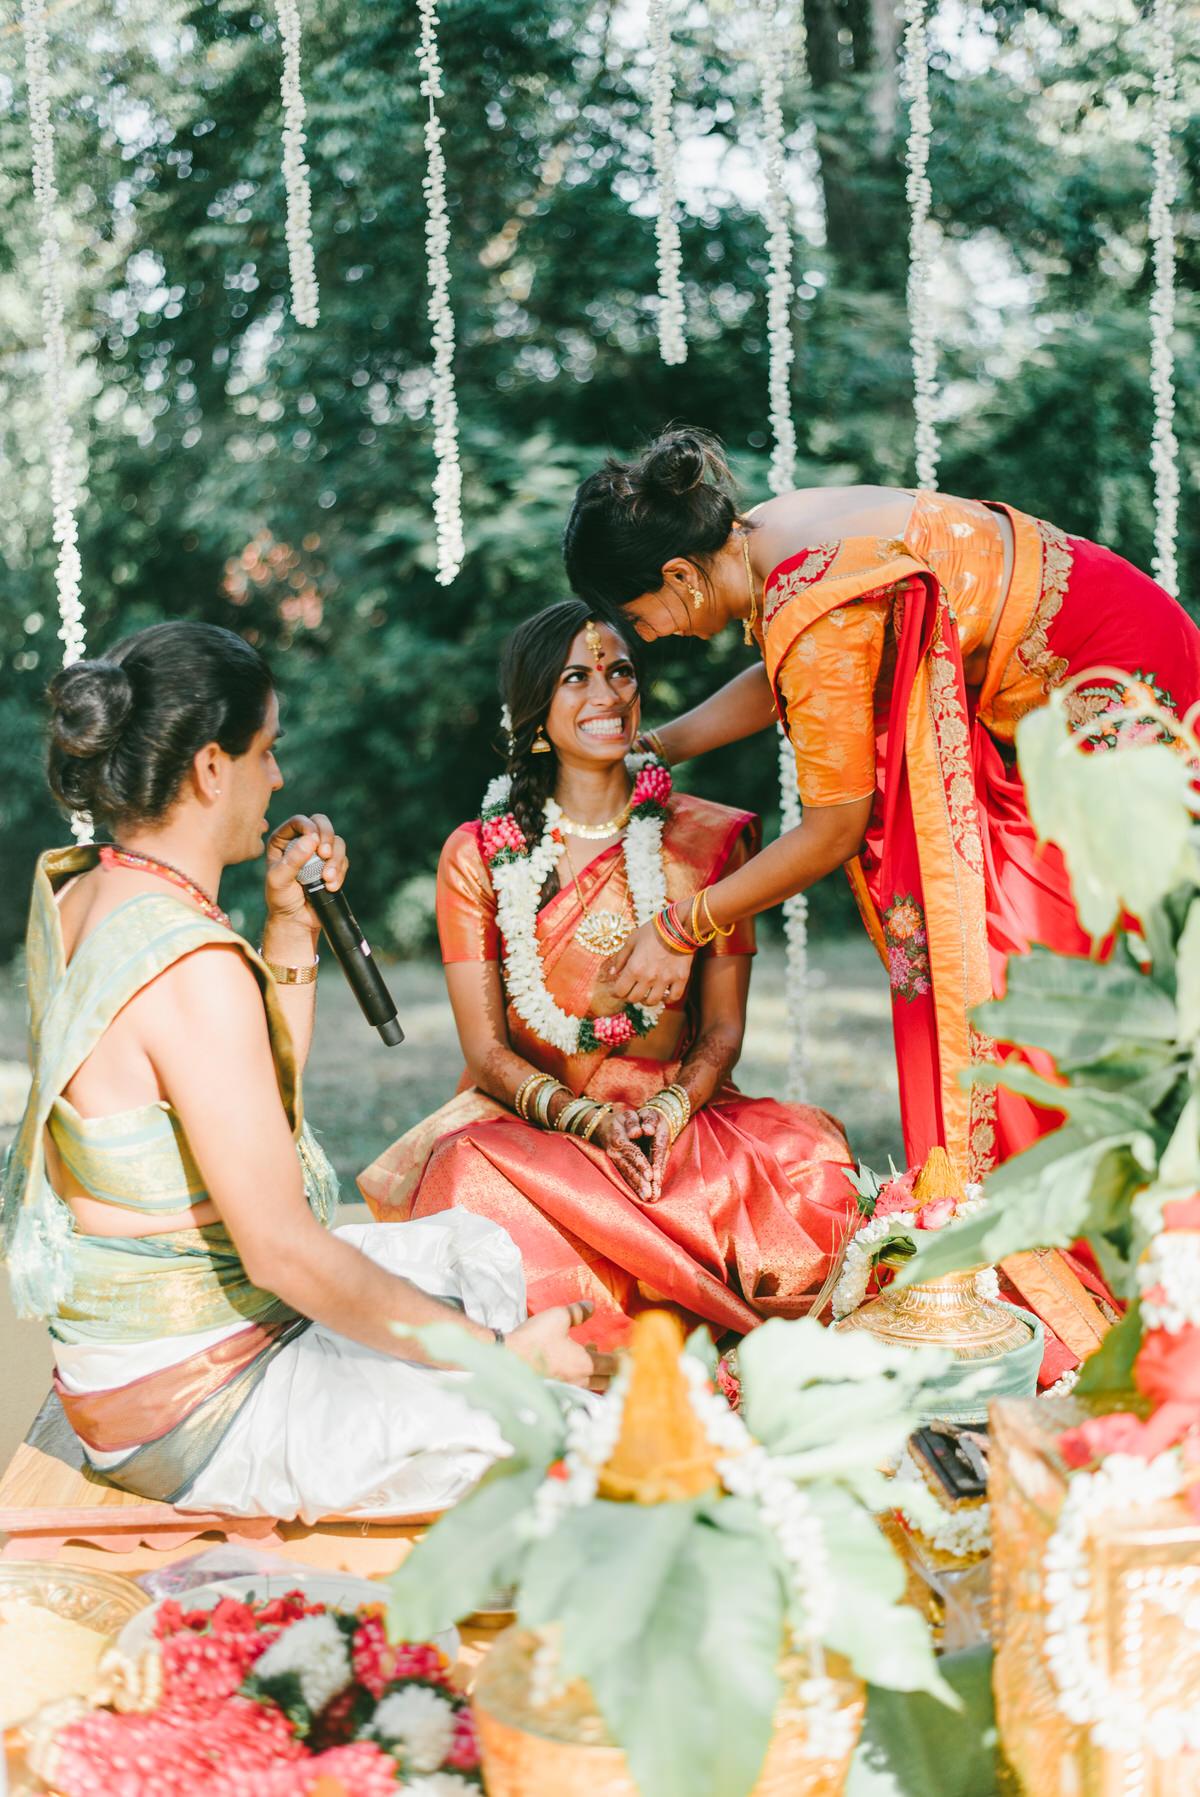 singapore wedding - indian wedding - baliweddingphotographer - diktatphotography - S&L- 49